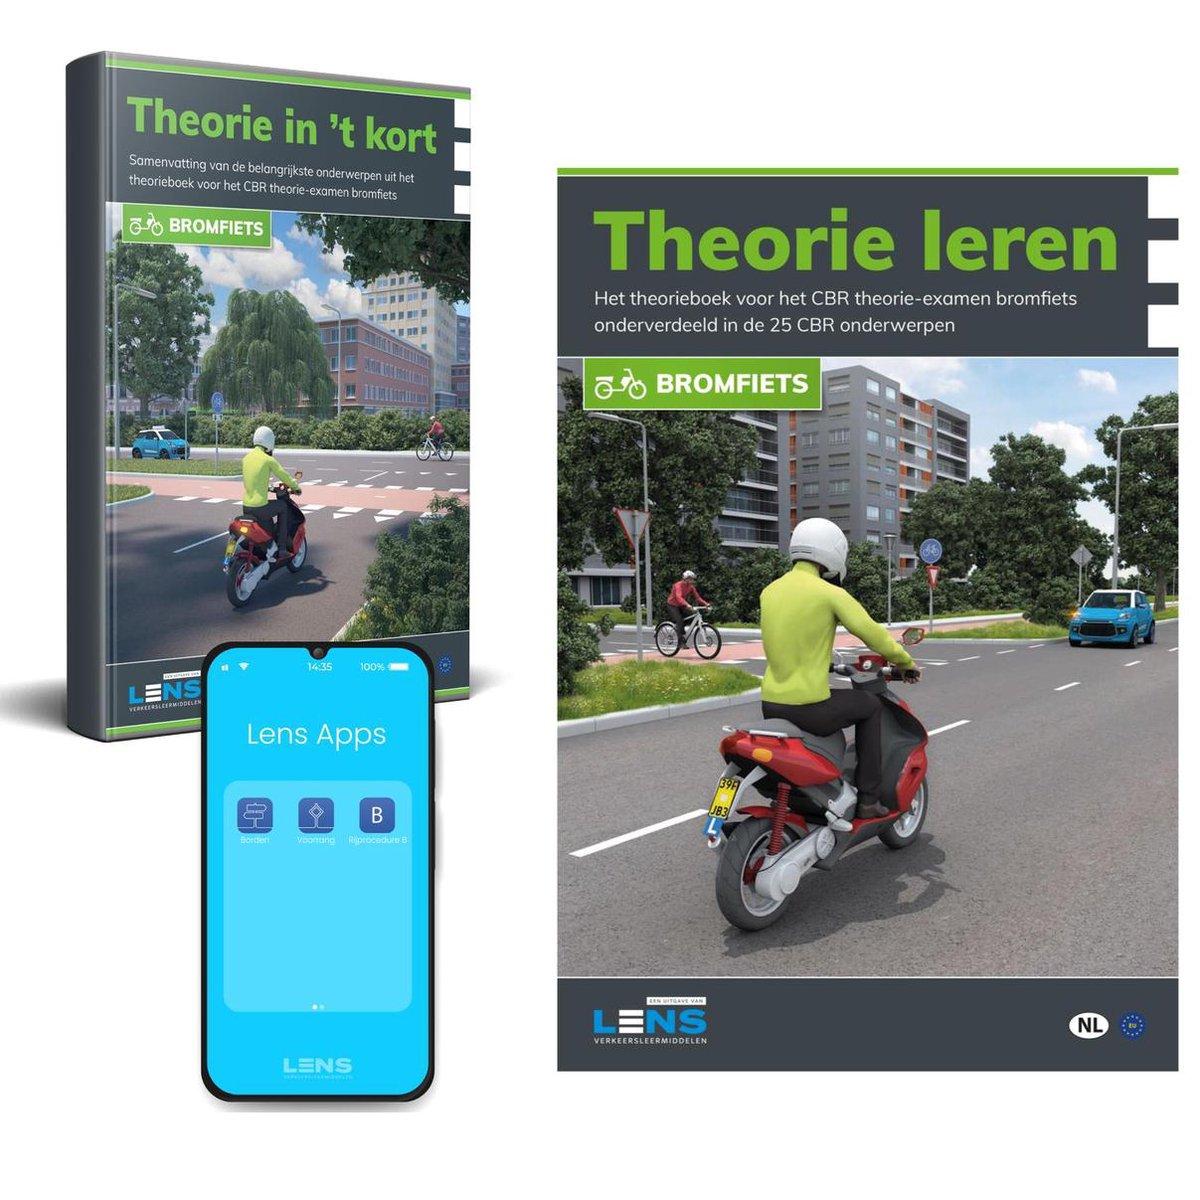 Scooter Theorie Boek 2021 met Samenvatting en Apps - Rijbewijs AM (Brommer) - Theorie Leren 2021 - L